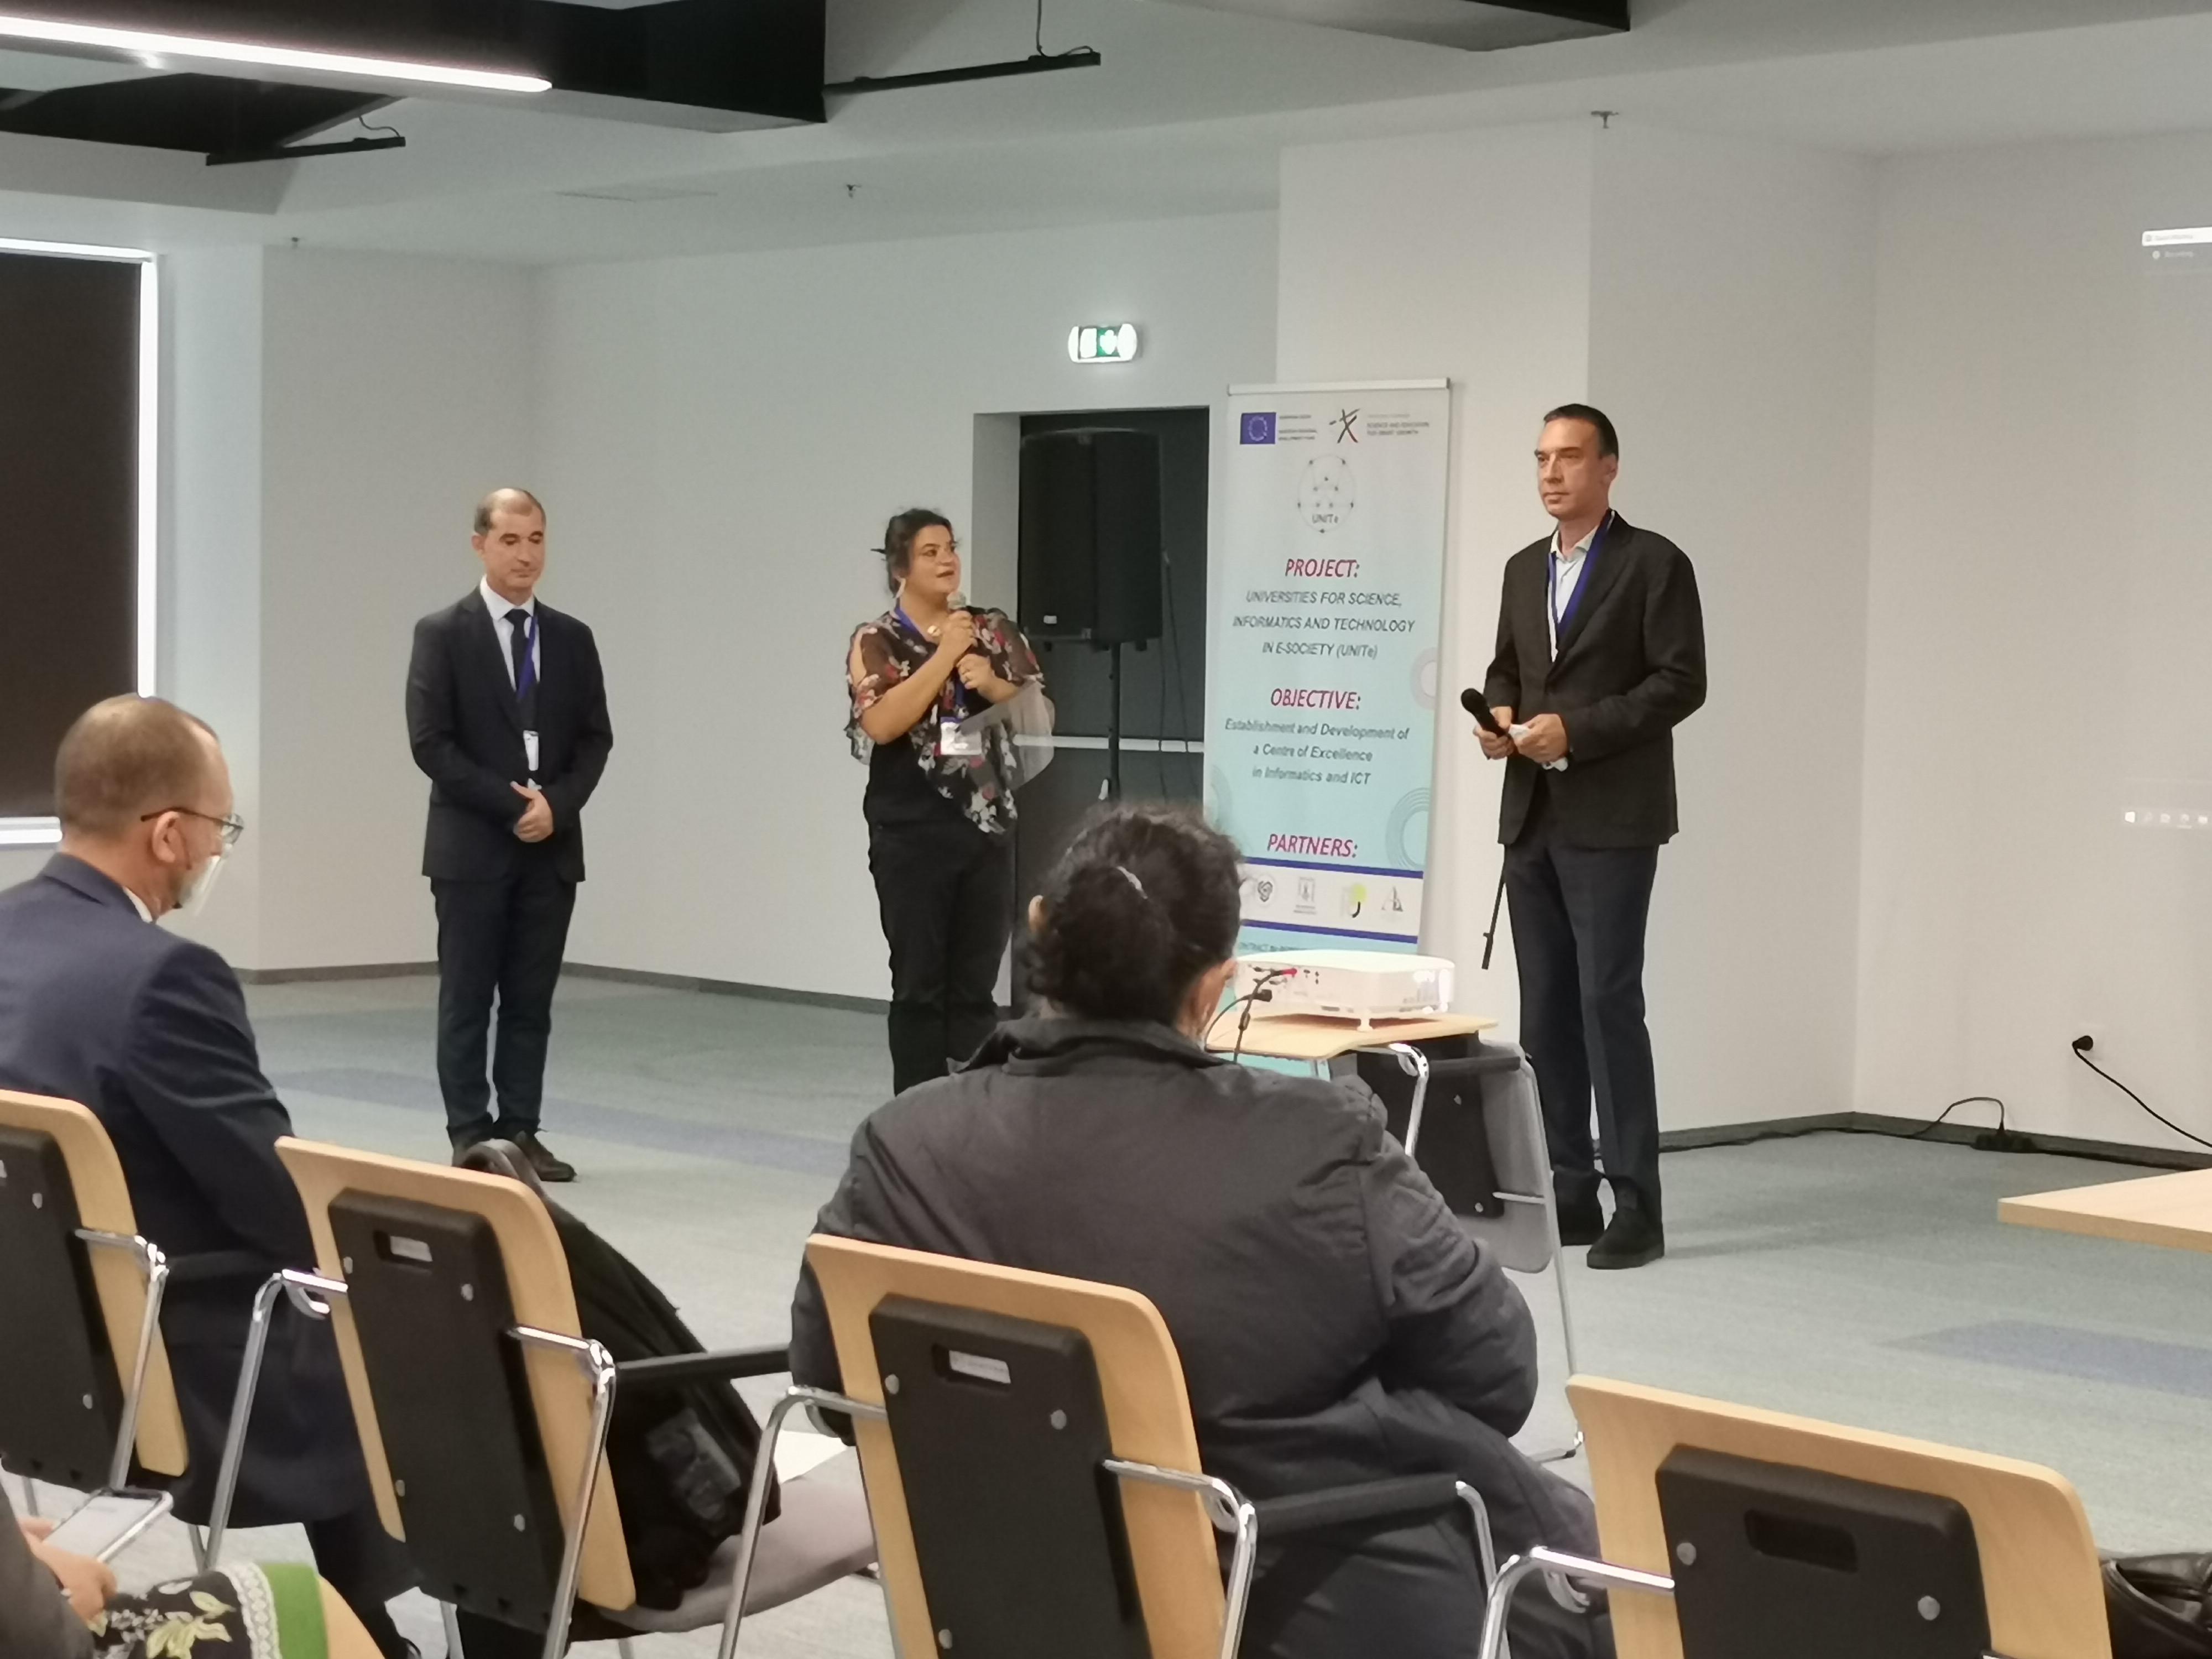 Откриване на BioInfoMed'2020, 8 октомври 2020